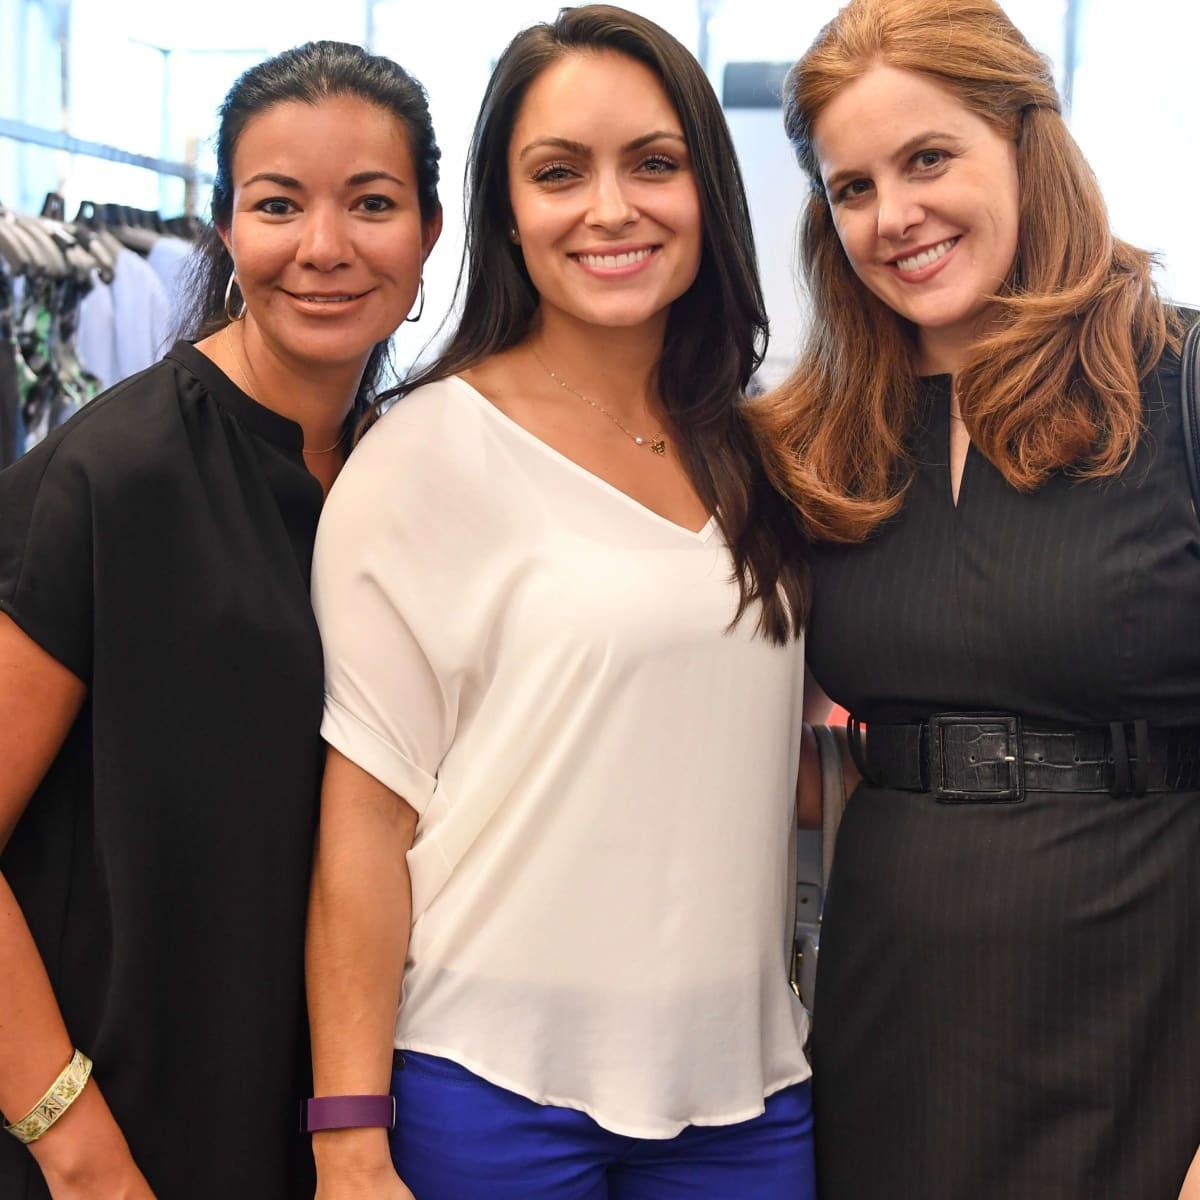 Ellevate at Tootsies, 8/16, Nicole Trevino, Leela Madan, Beverly Barrett